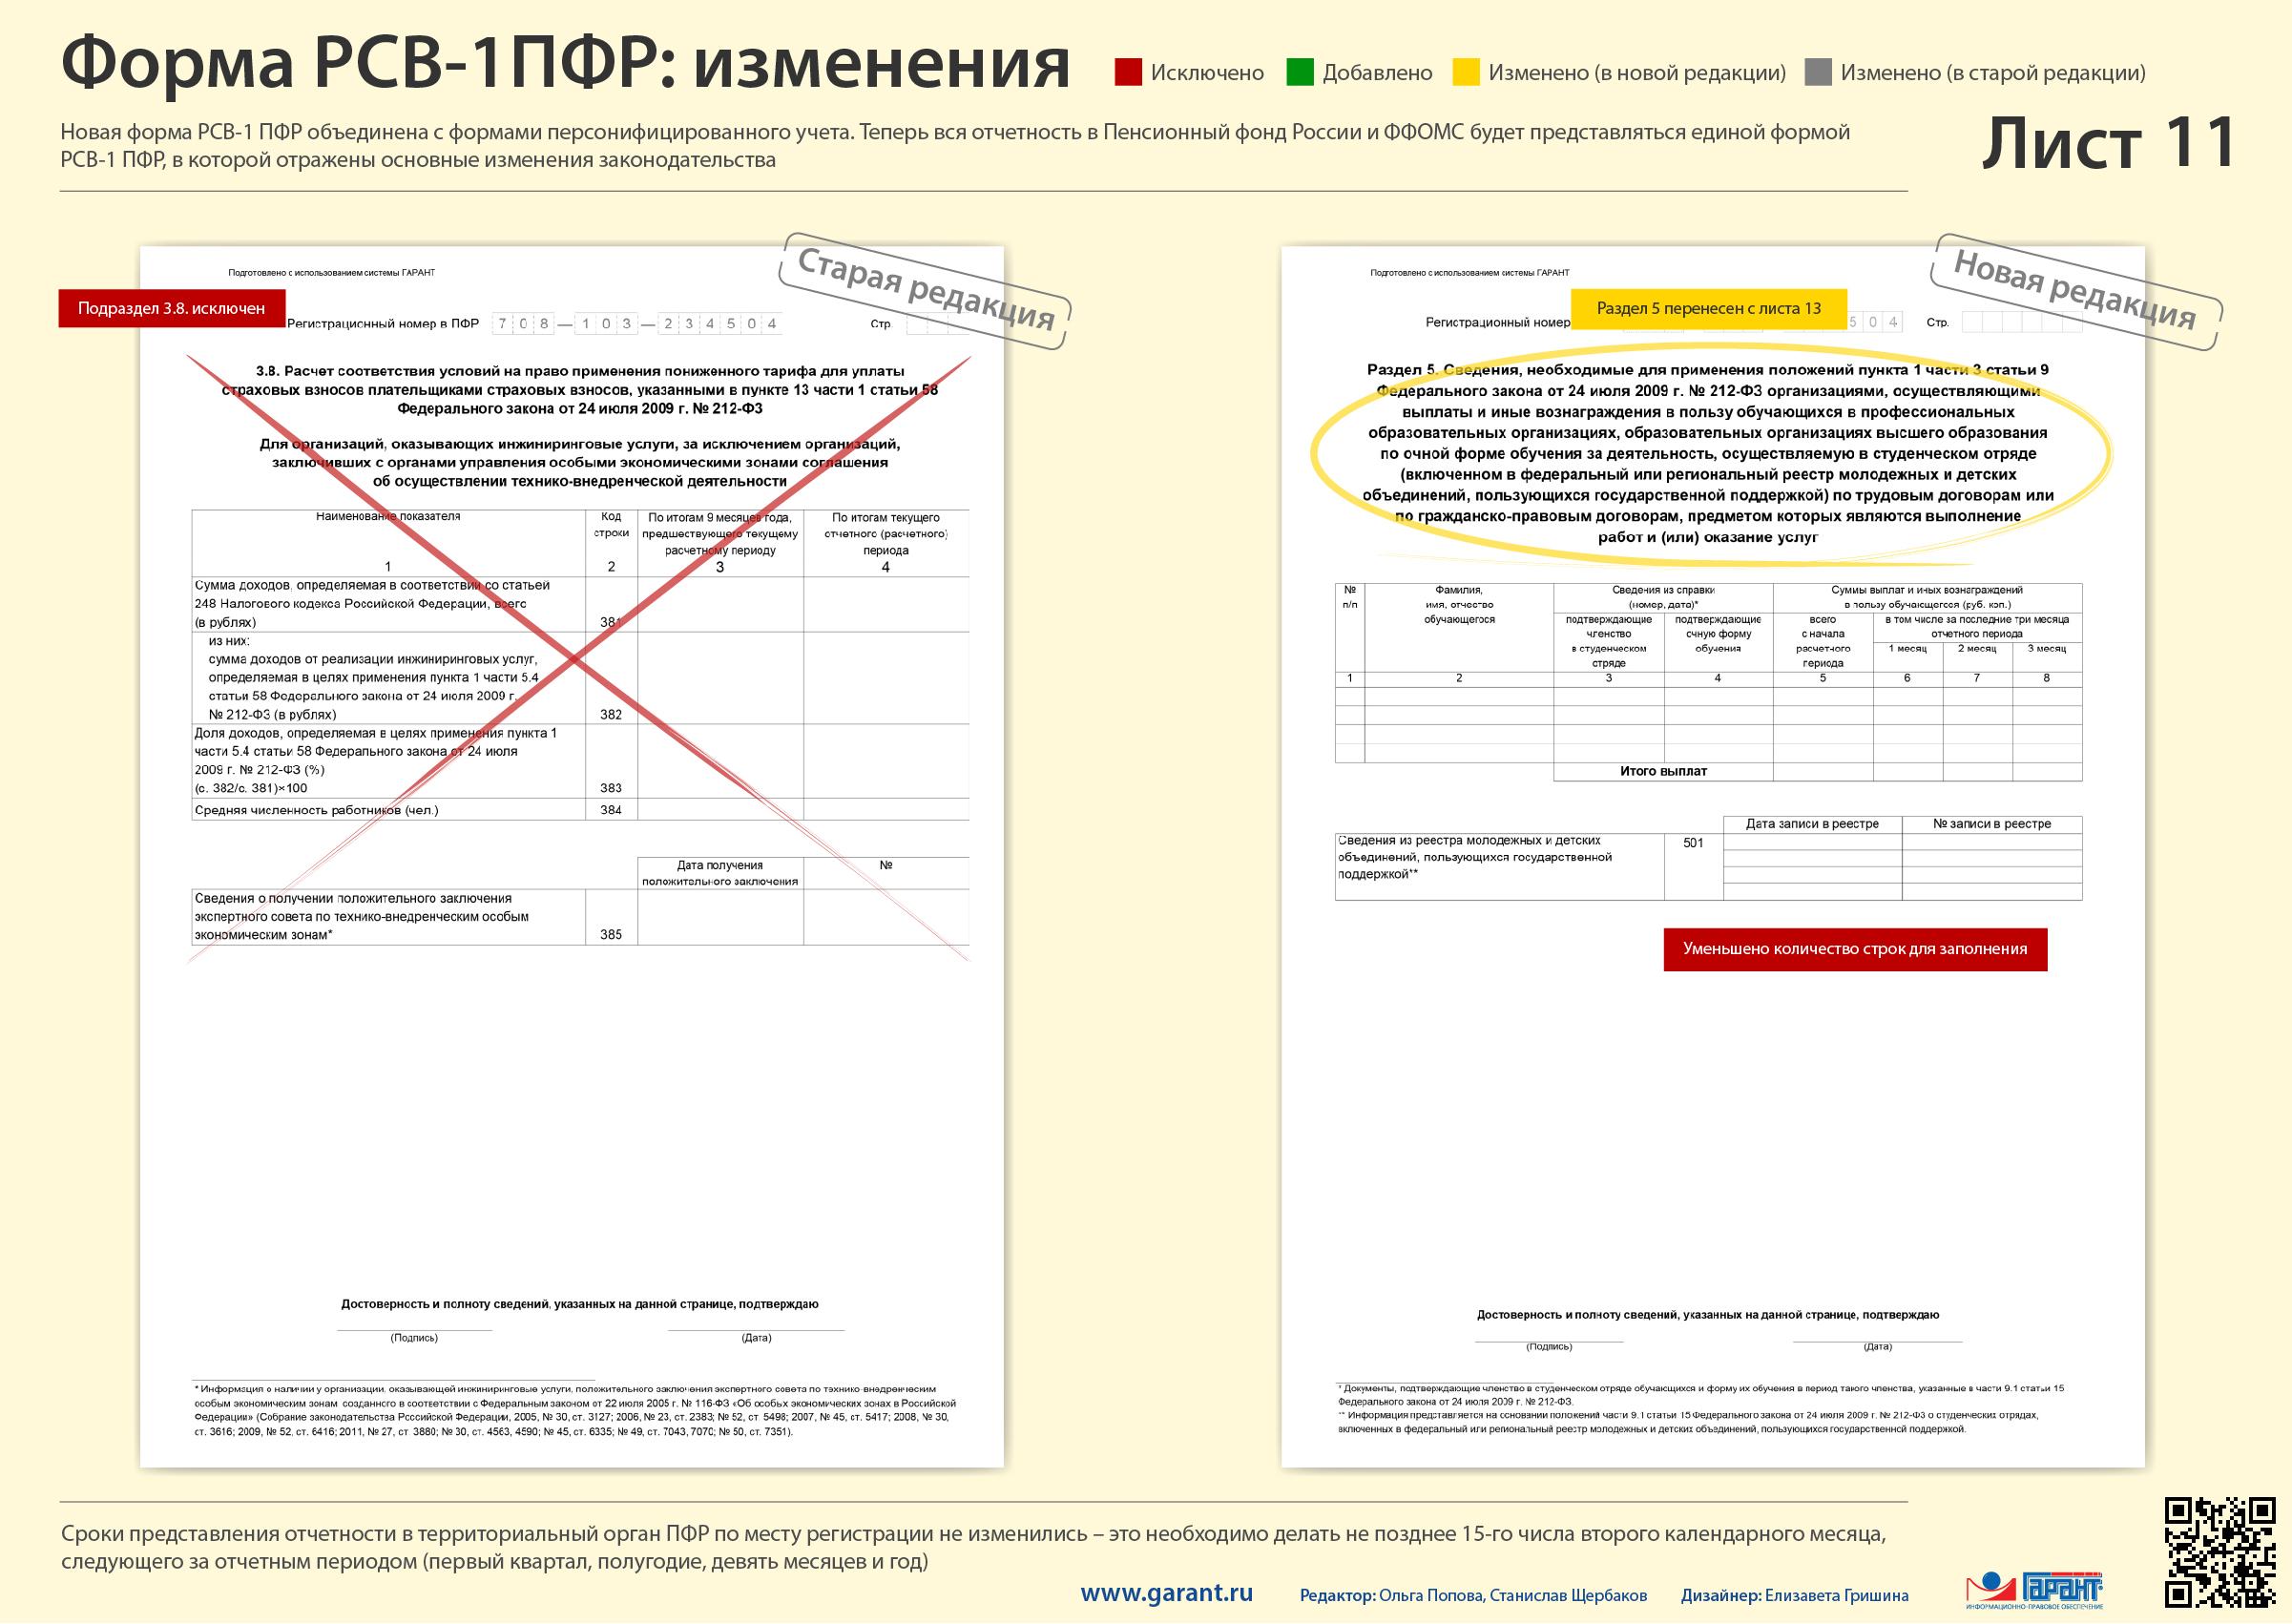 РСВ-1 за первый квартал РСВ Новости Журнал 41